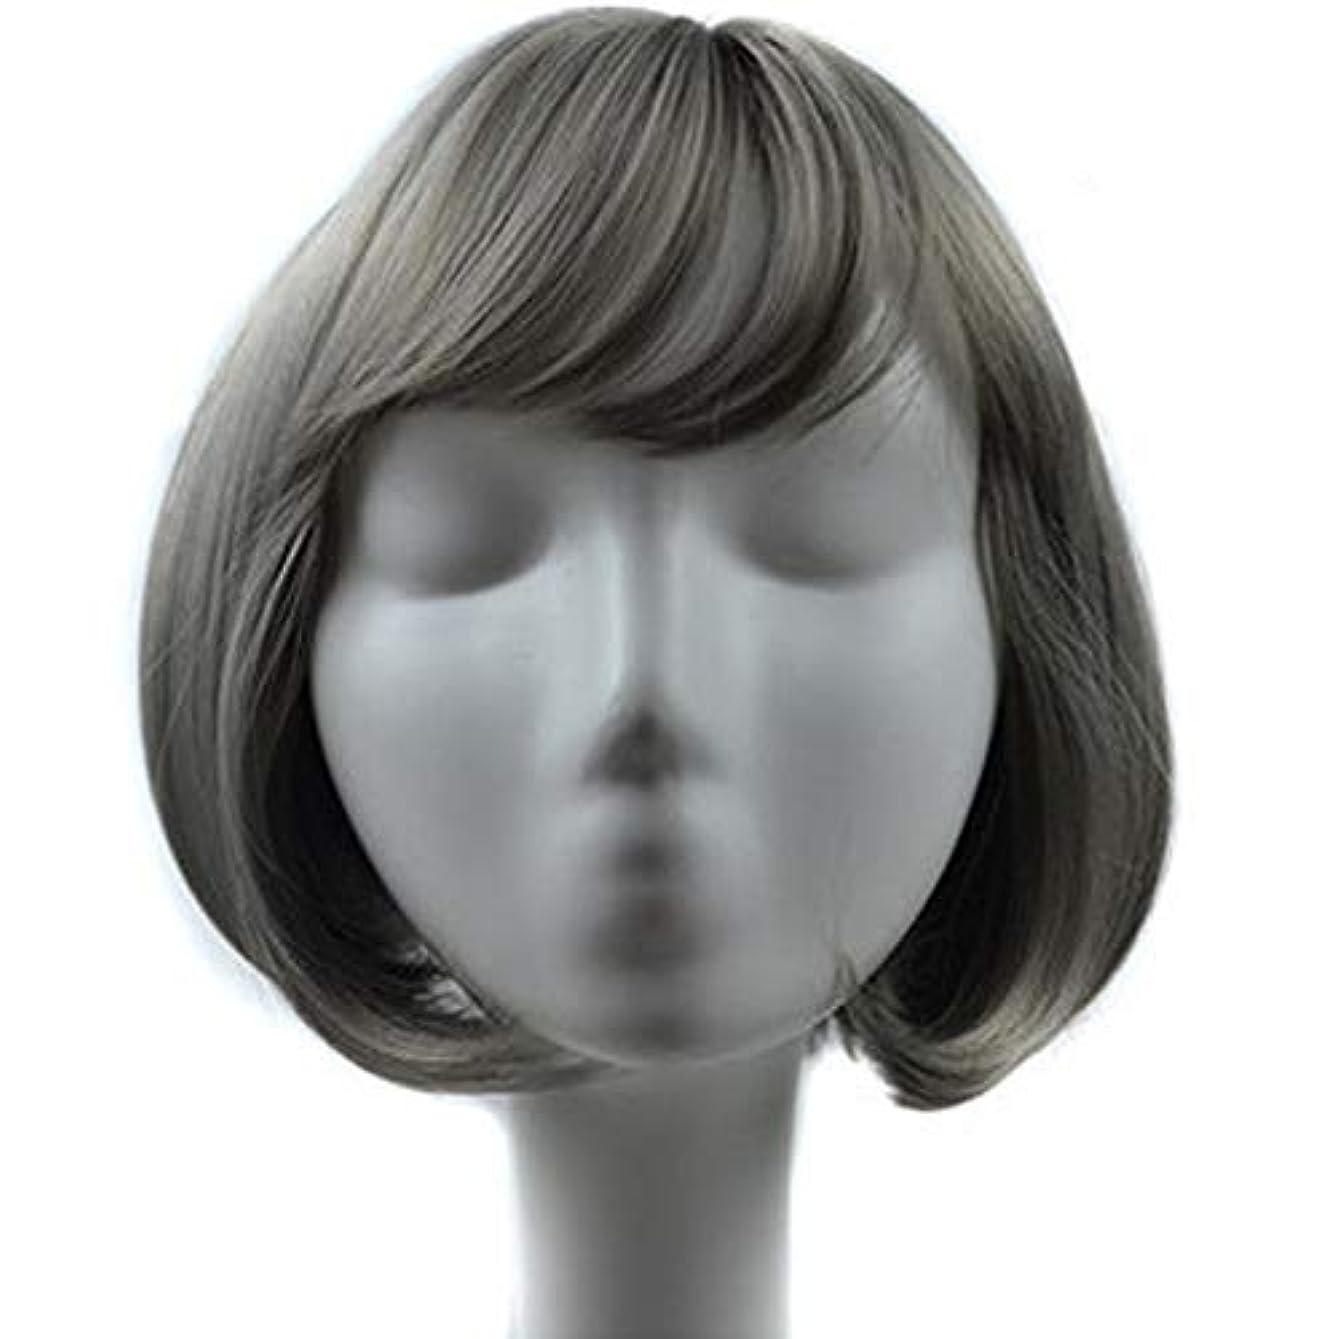 冷酷な霧深い本物Lazayyii女子 かつら エアバン 天然のリアル ヘア前髪エアバンボボヘッドナシウィッグ (グレー)